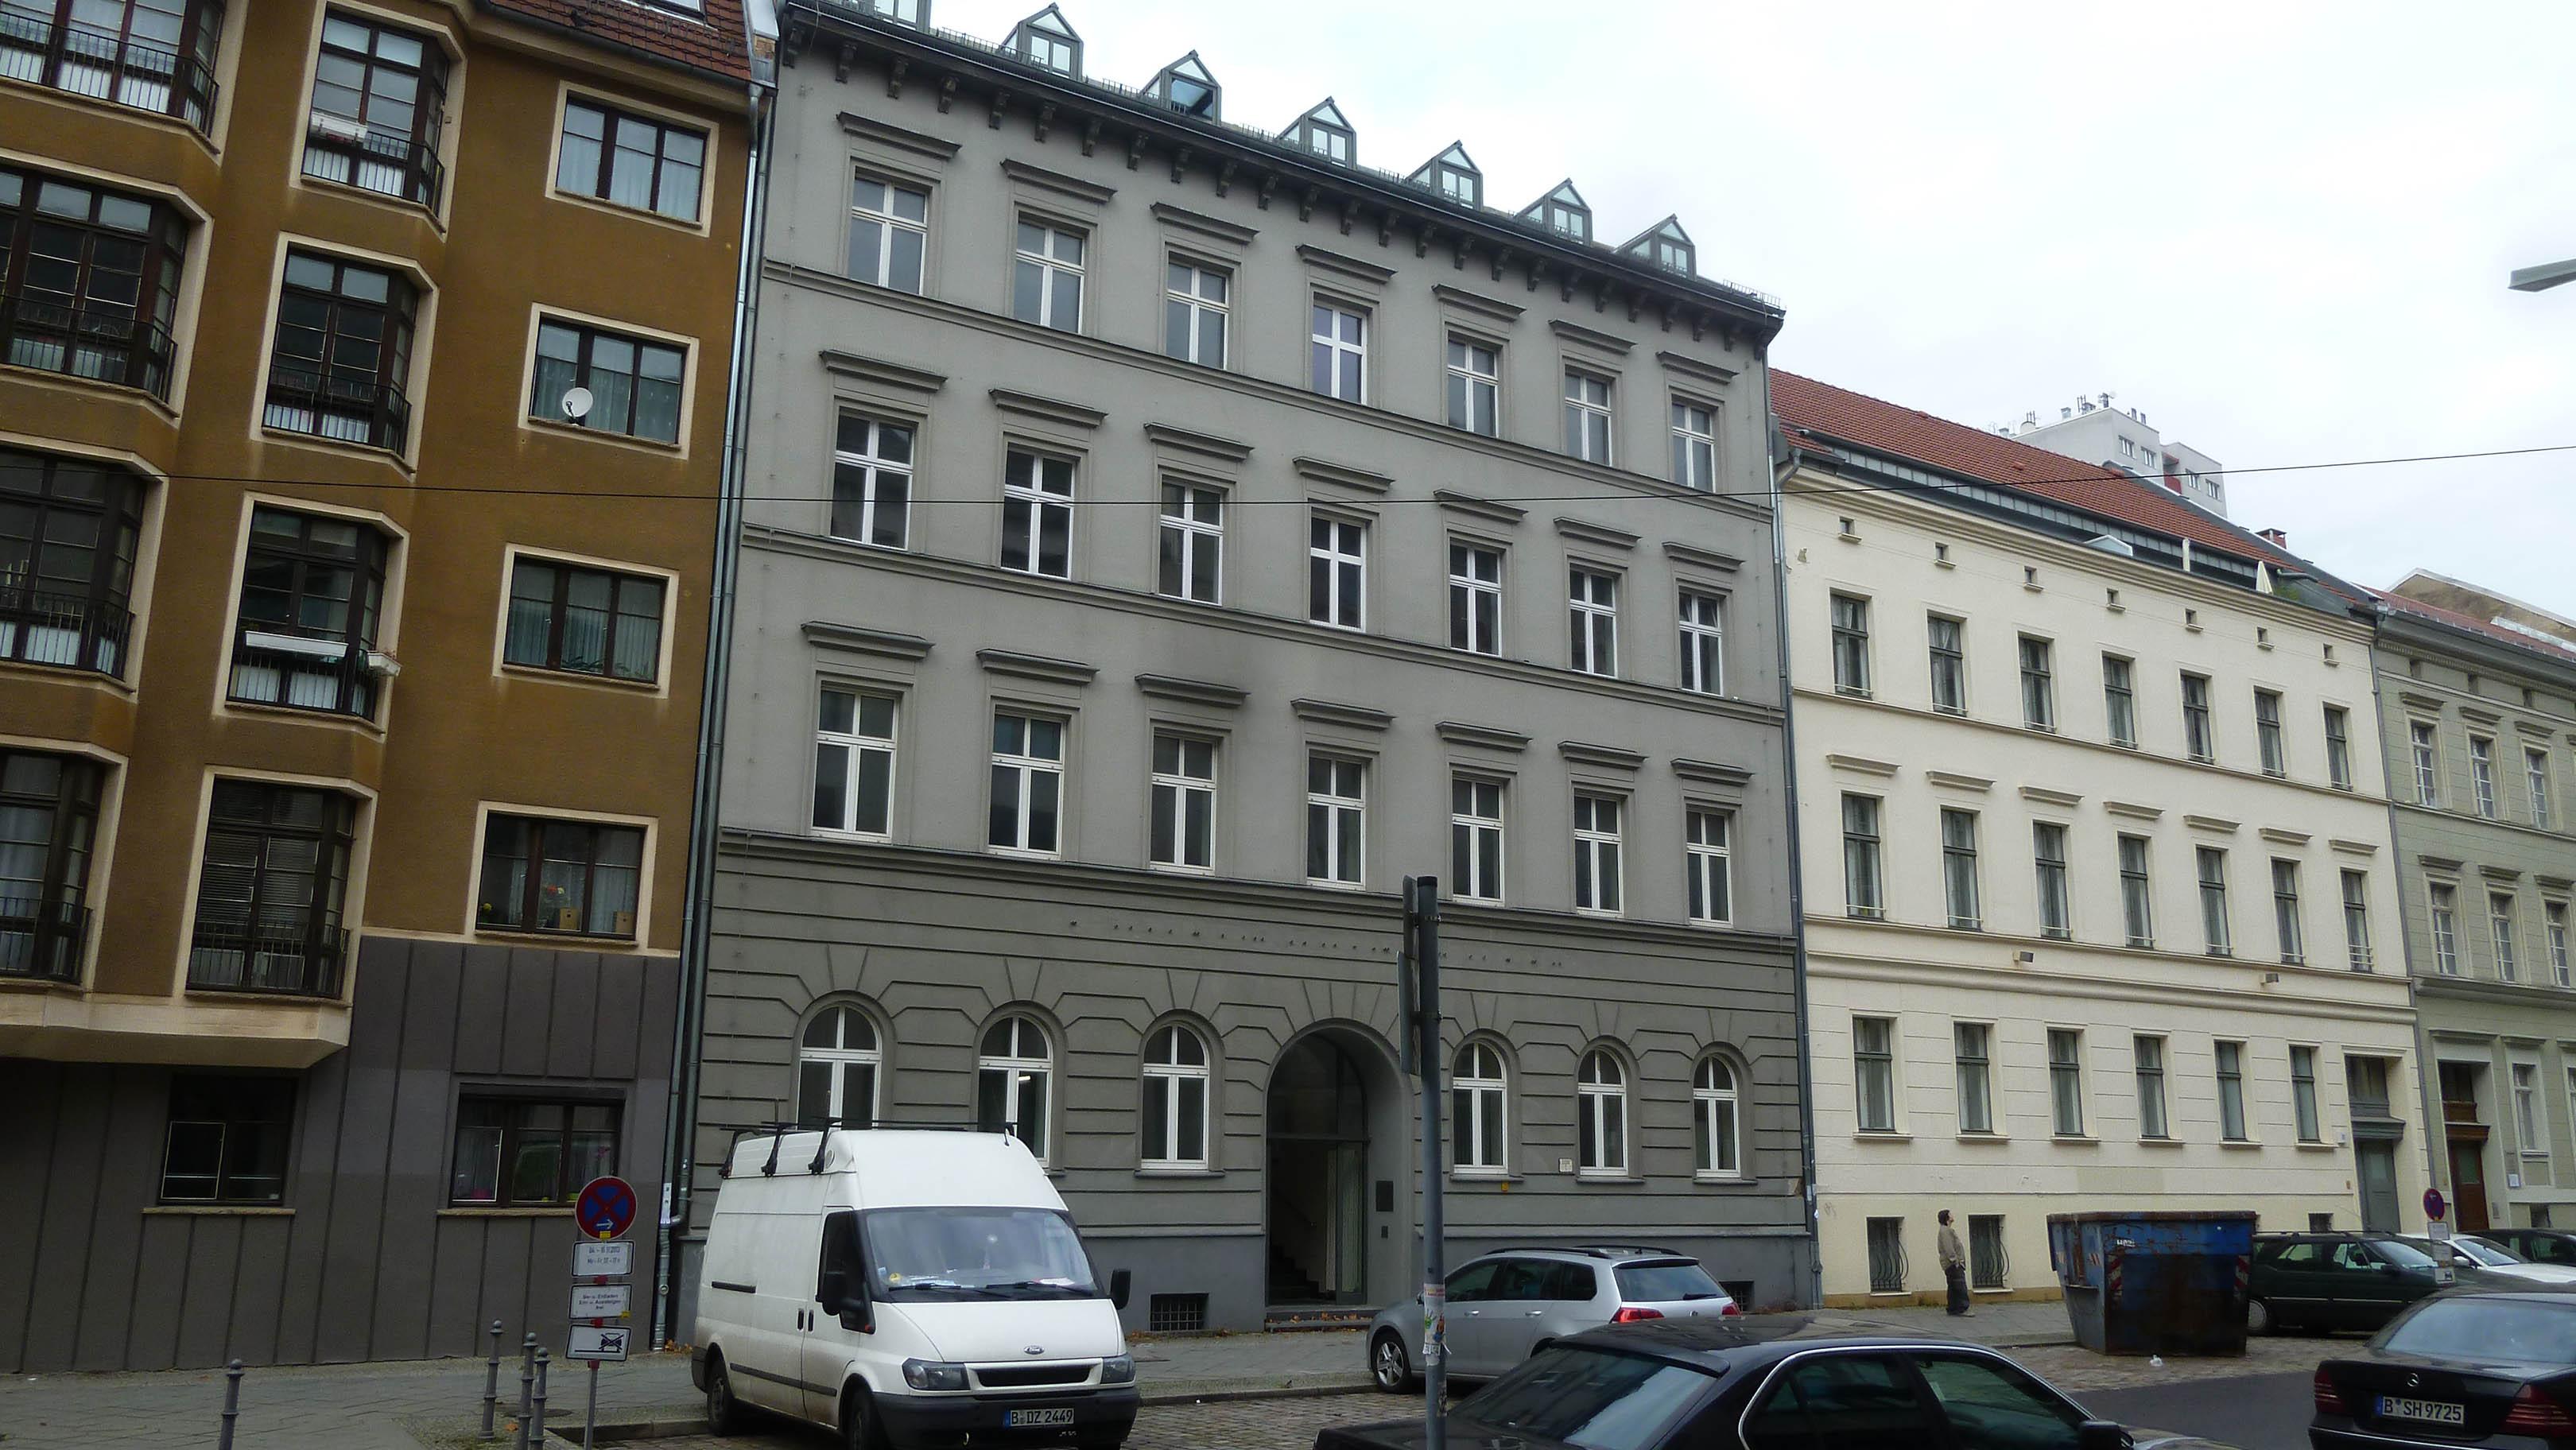 Danziger und weibezahl berlin mehrfamilienhaus in berlin for Mehrfamilienhaus berlin